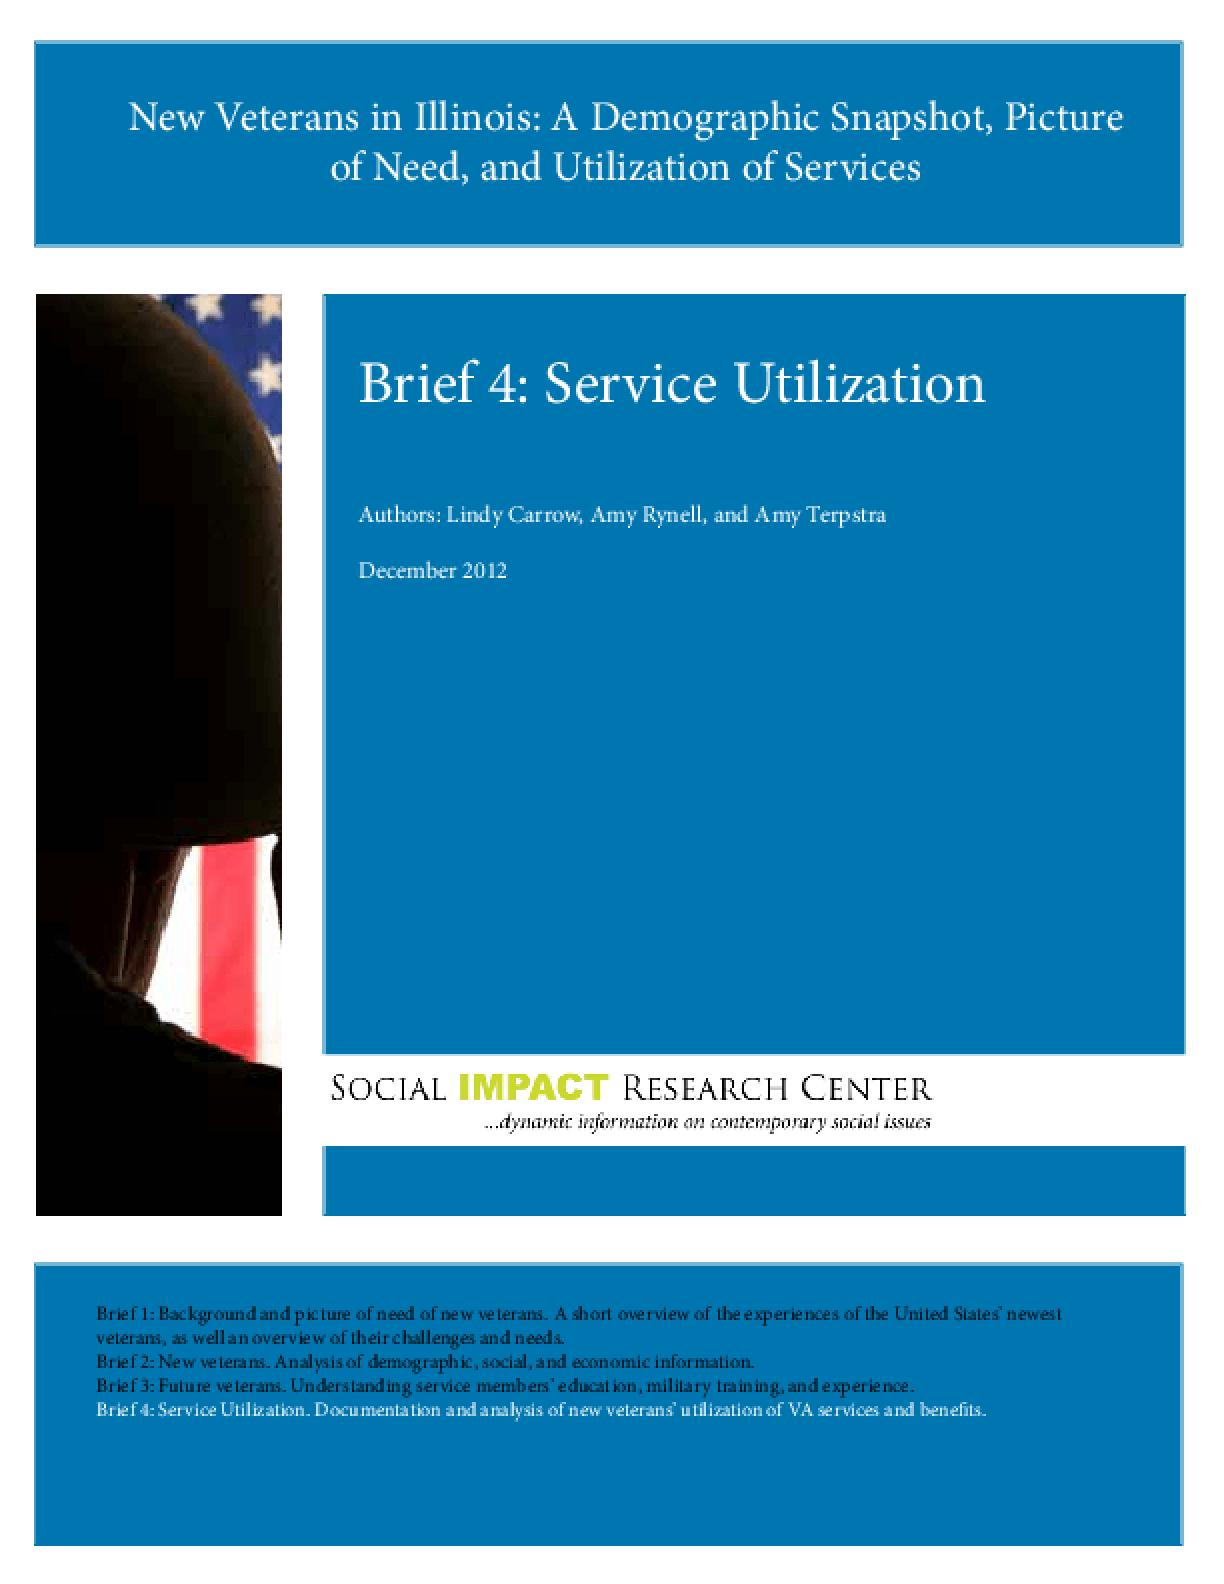 New Veterans in Illinois: Brief 4, Service Utilization